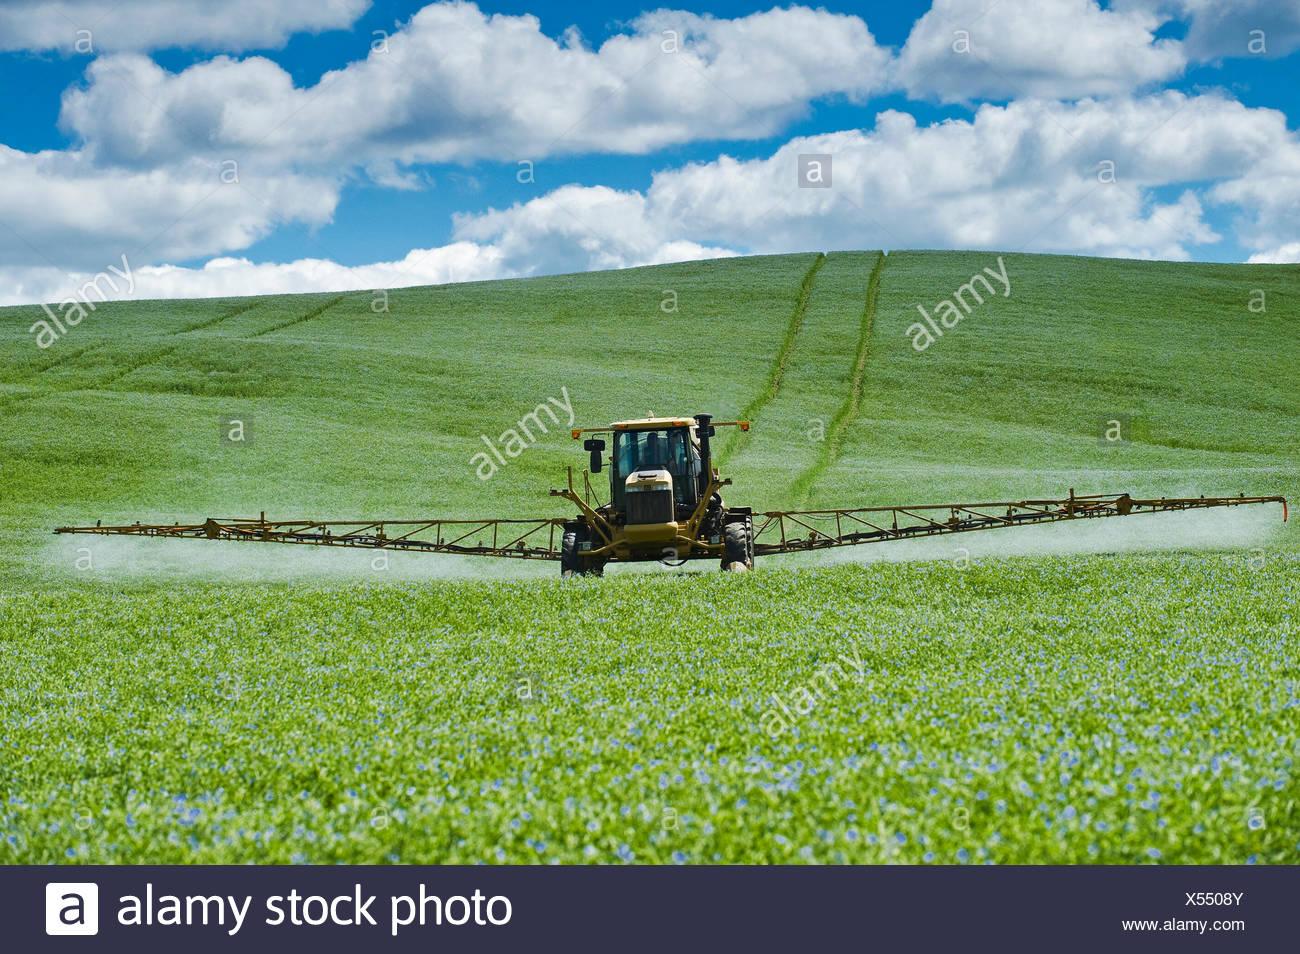 Una pulverizadora de alto despeje aplica una aplicación de fungicidas químicos a un campo de lino, Tiger Hills, Manitoba, Canadá Imagen De Stock